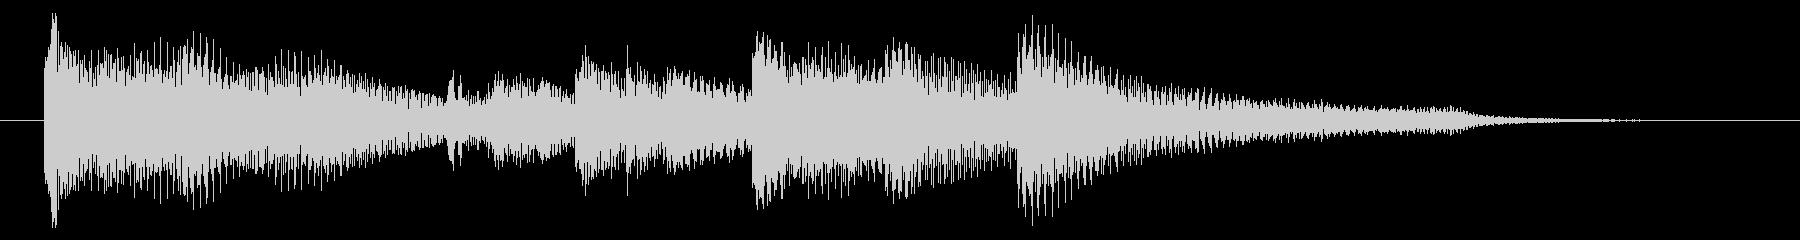 爽やか ピアノ&アコギ ジングル 5秒の未再生の波形